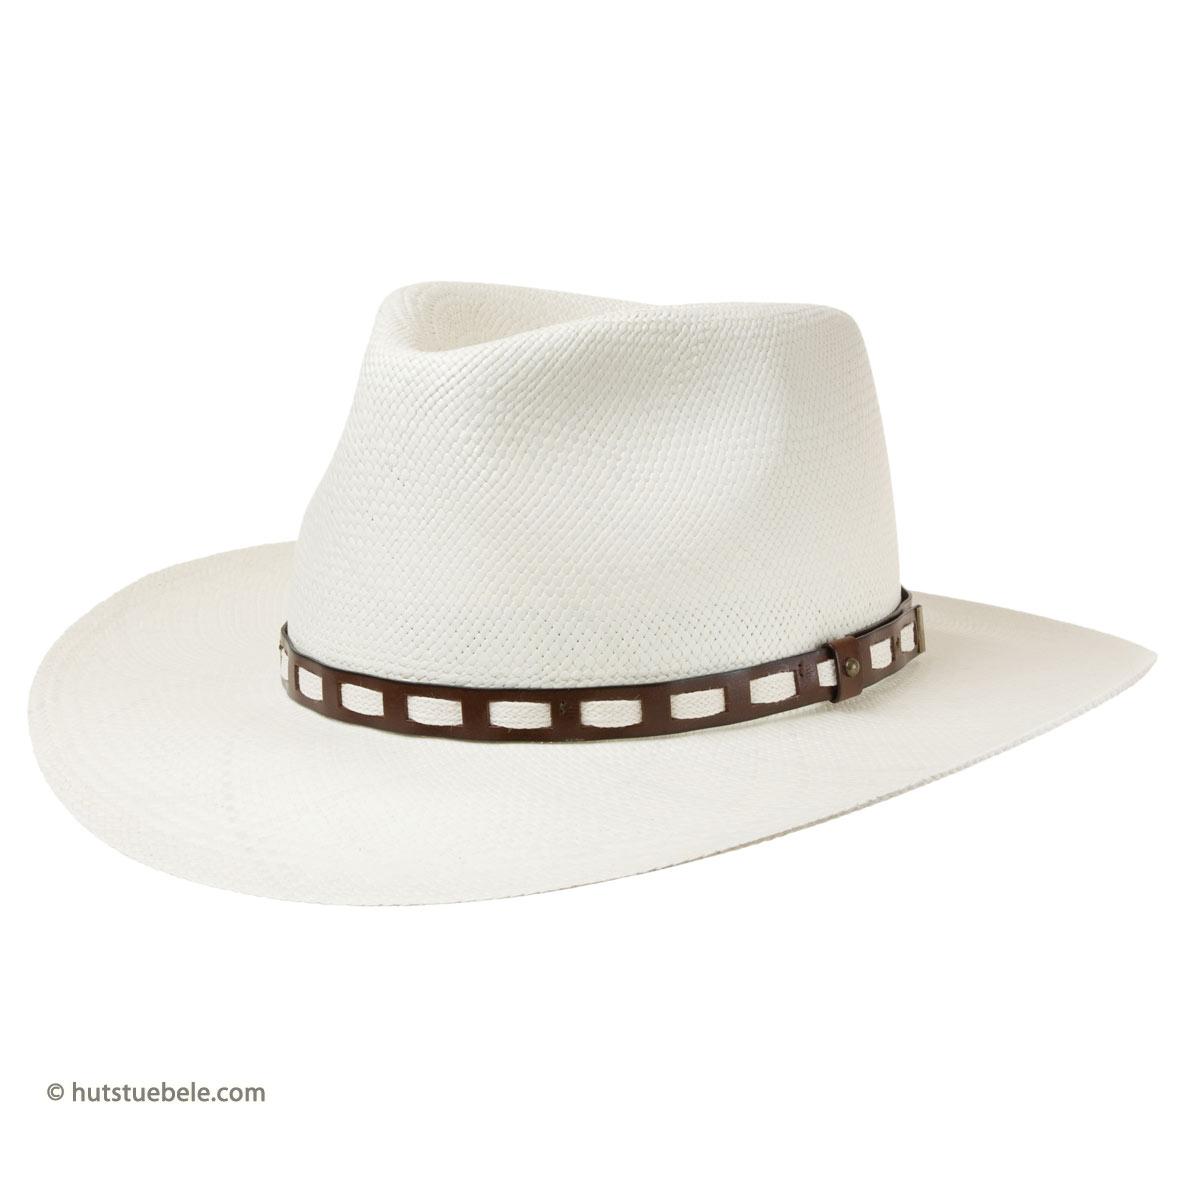 cappello sportivo di Panama con tesa larga by HUTTER ccca1708817c